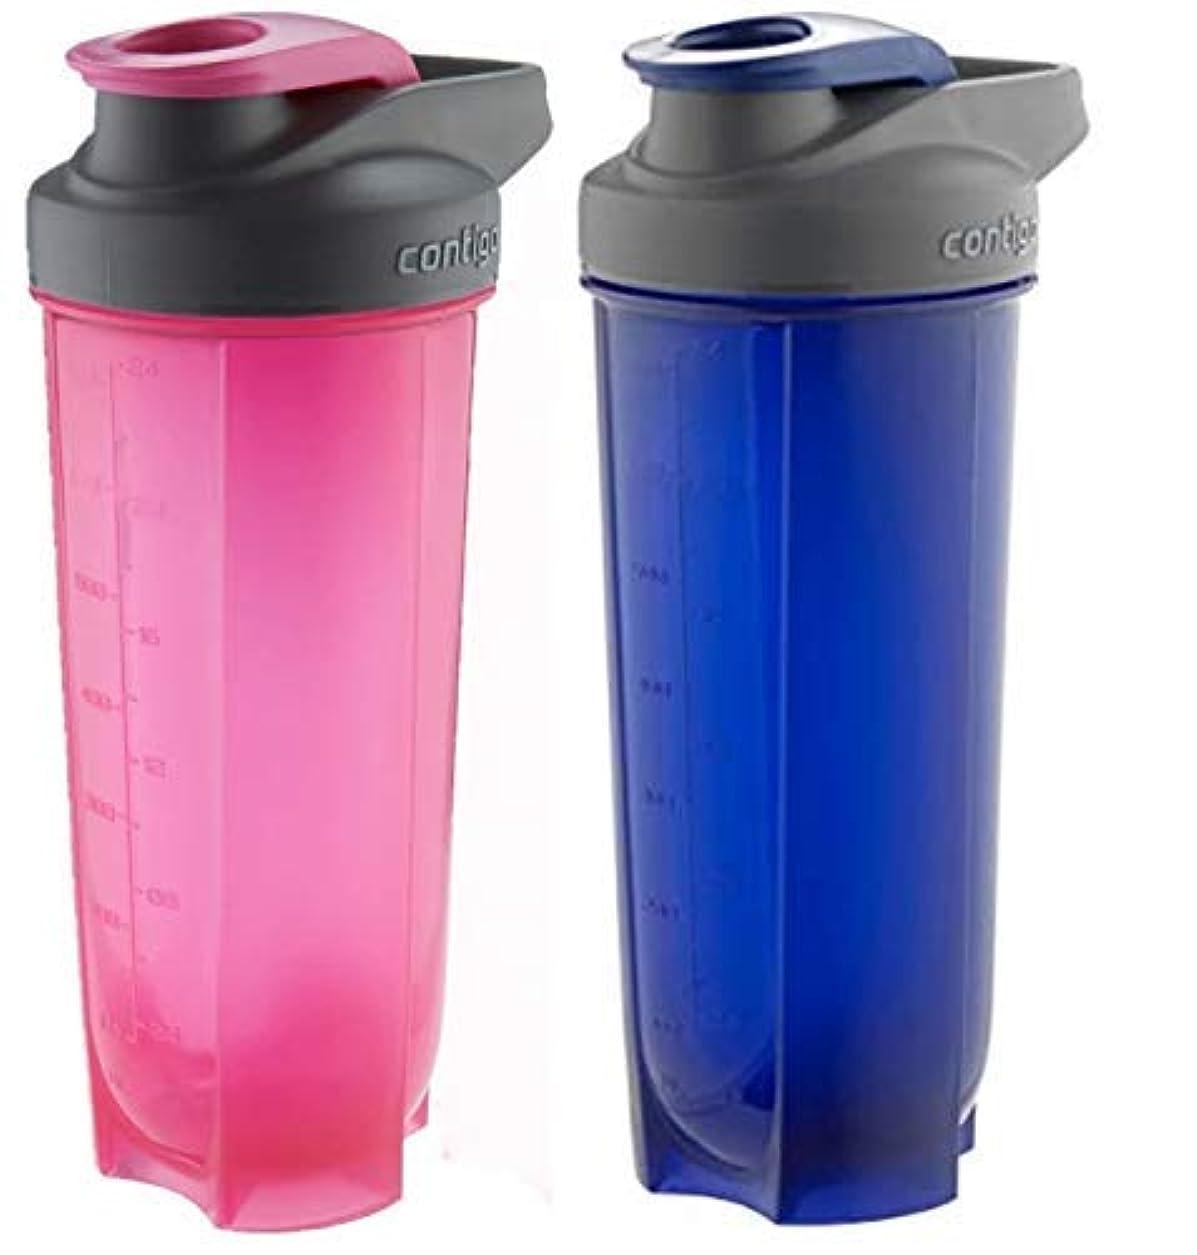 カヌー車両構成Contigo Shake & Go Fit Bottles, 28 Oz / 828 ml Each, Two Pack, Pink & Blue, His & Hers Shaker Bottles [並行輸入品]